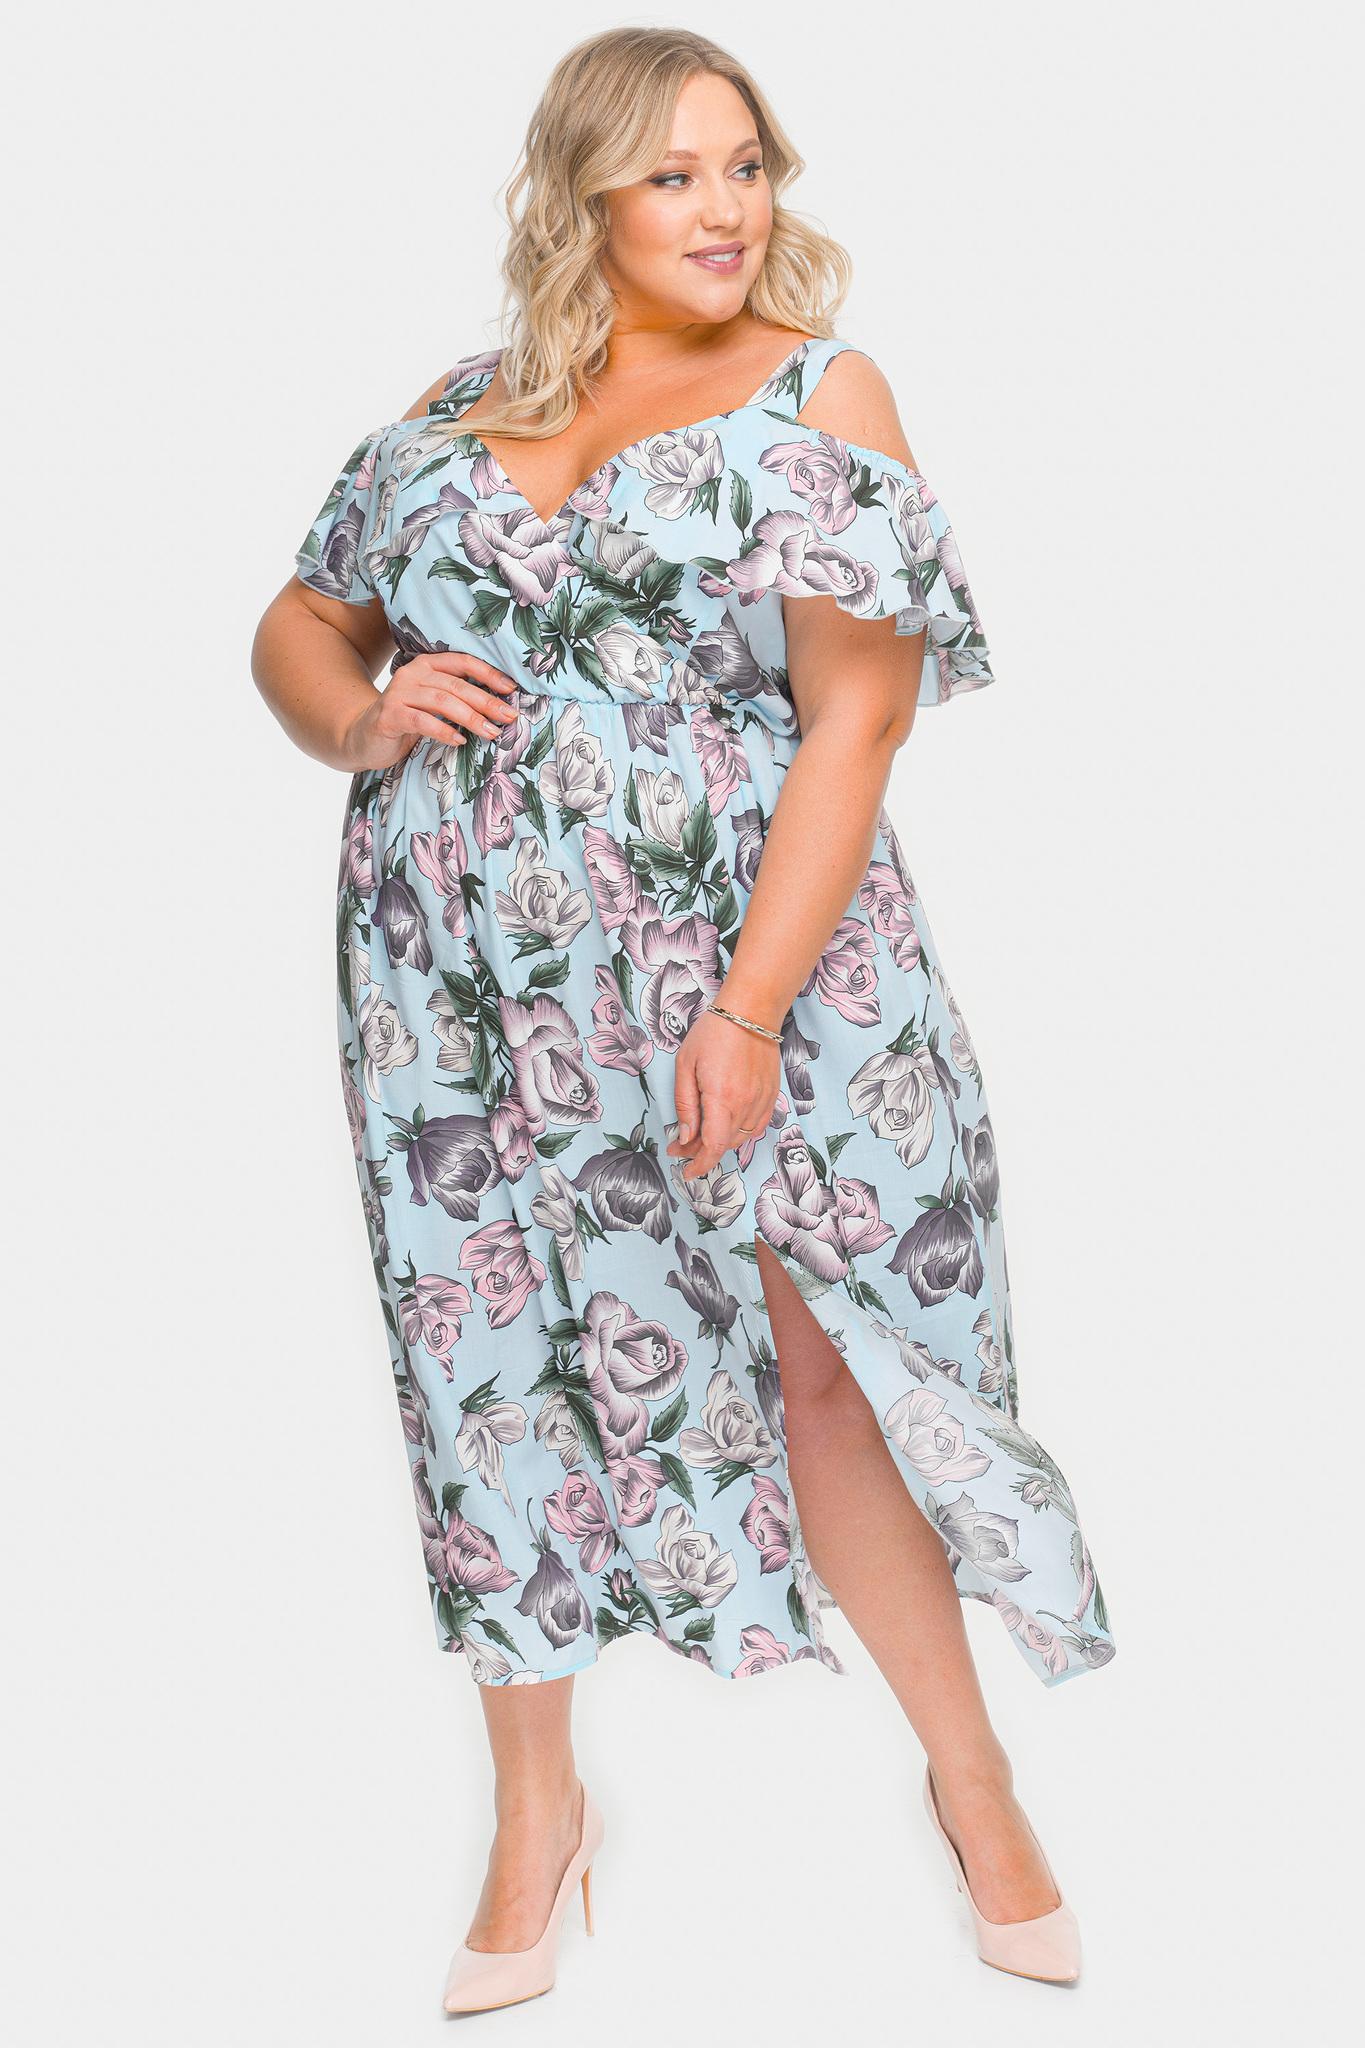 Платья Платье из штапеля с крылышками 1924702 f24ccce909a3950d01d546f942a163e1.jpg